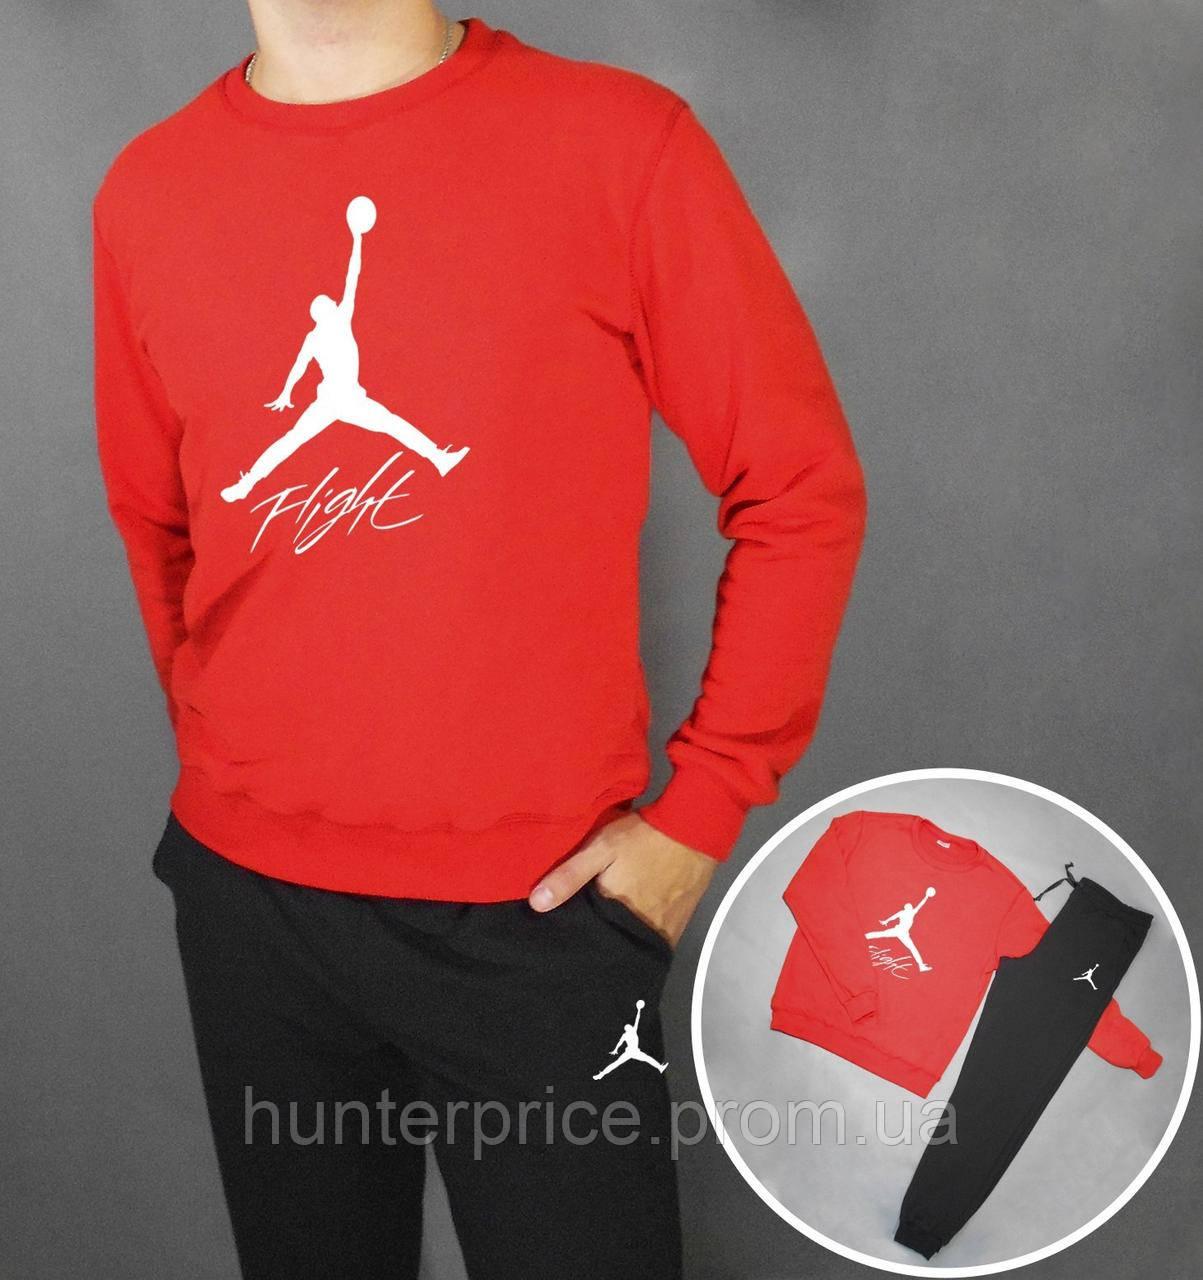 eb748c3802d2 Мужской спортивный костюм с принтом Jordan - Интернет - магазин